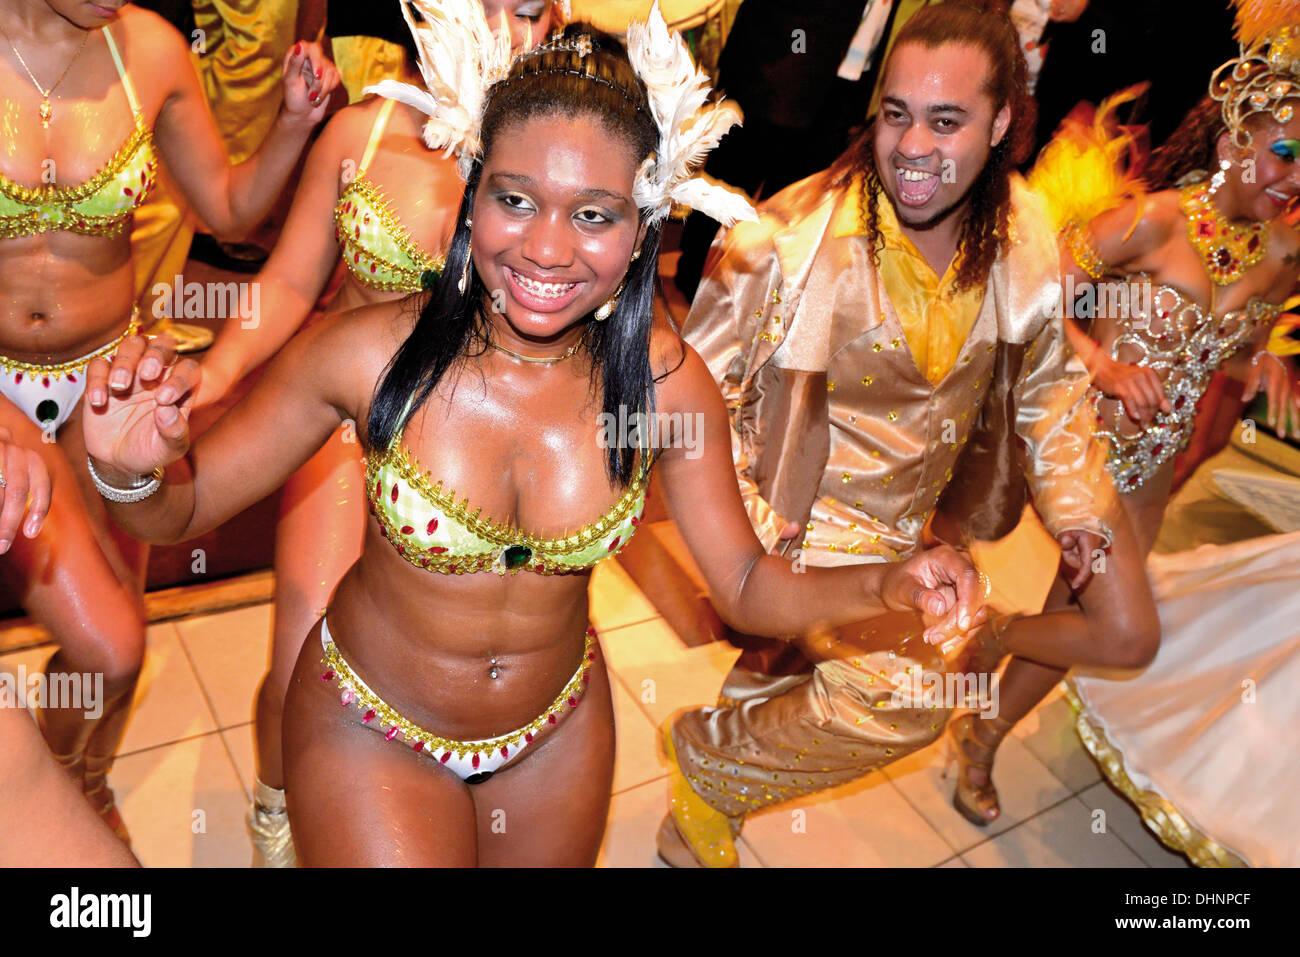 Brésil, Porto Alegre: 'groupe Samba Império da Zona Norte' au cours de show à l'événement l'hôtel Plaza Sao Rafael Photo Stock